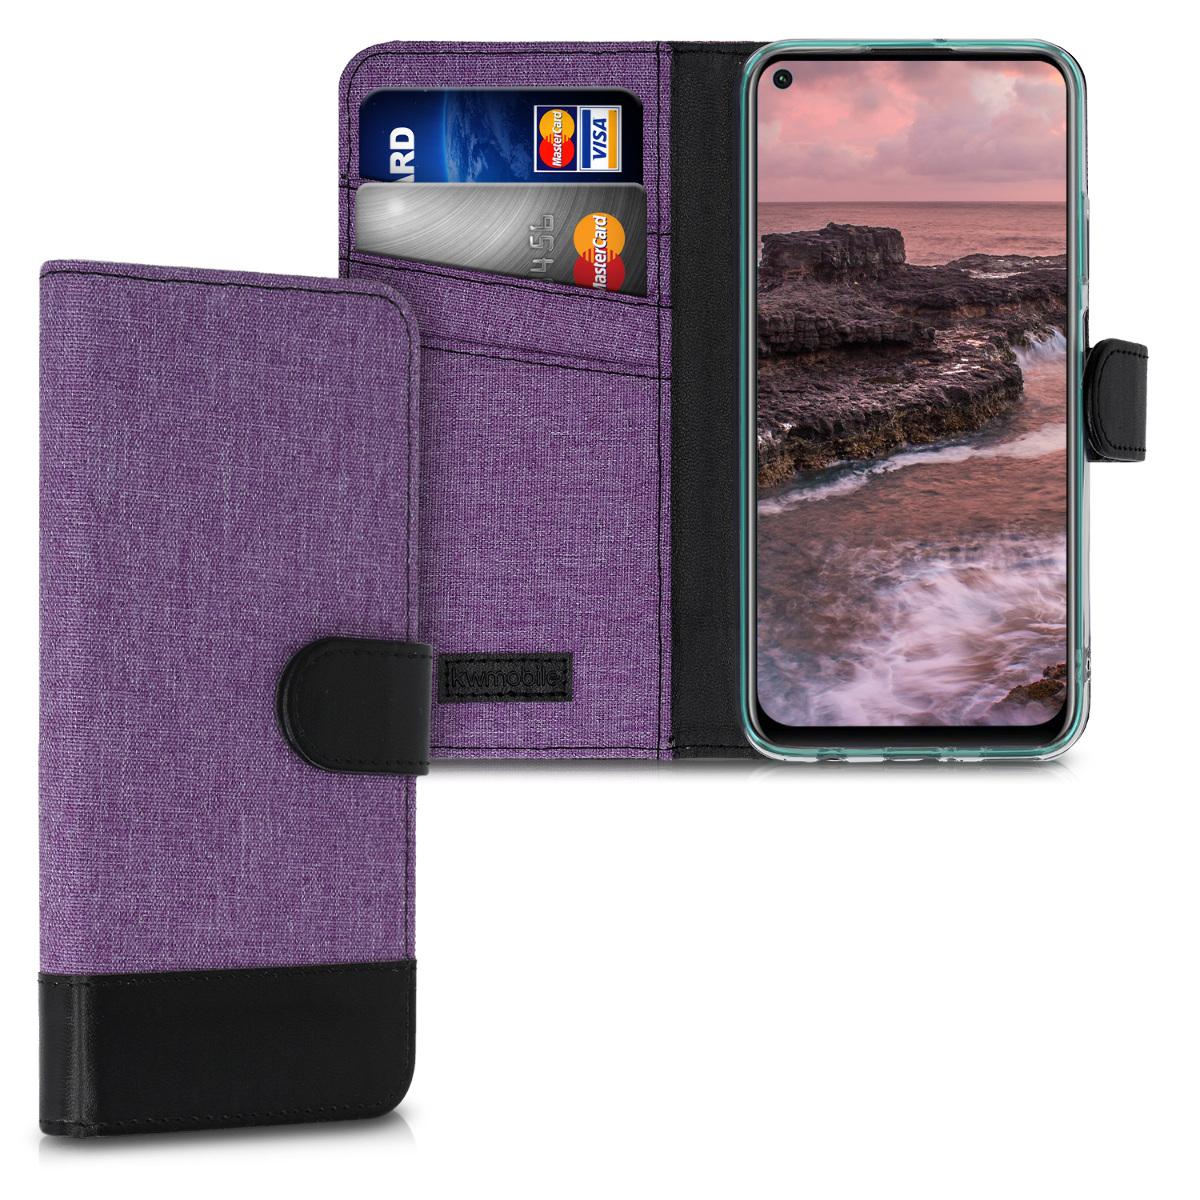 Fialové textilní pouzdro / obal jako peněženka pro Huawei P40 Lite